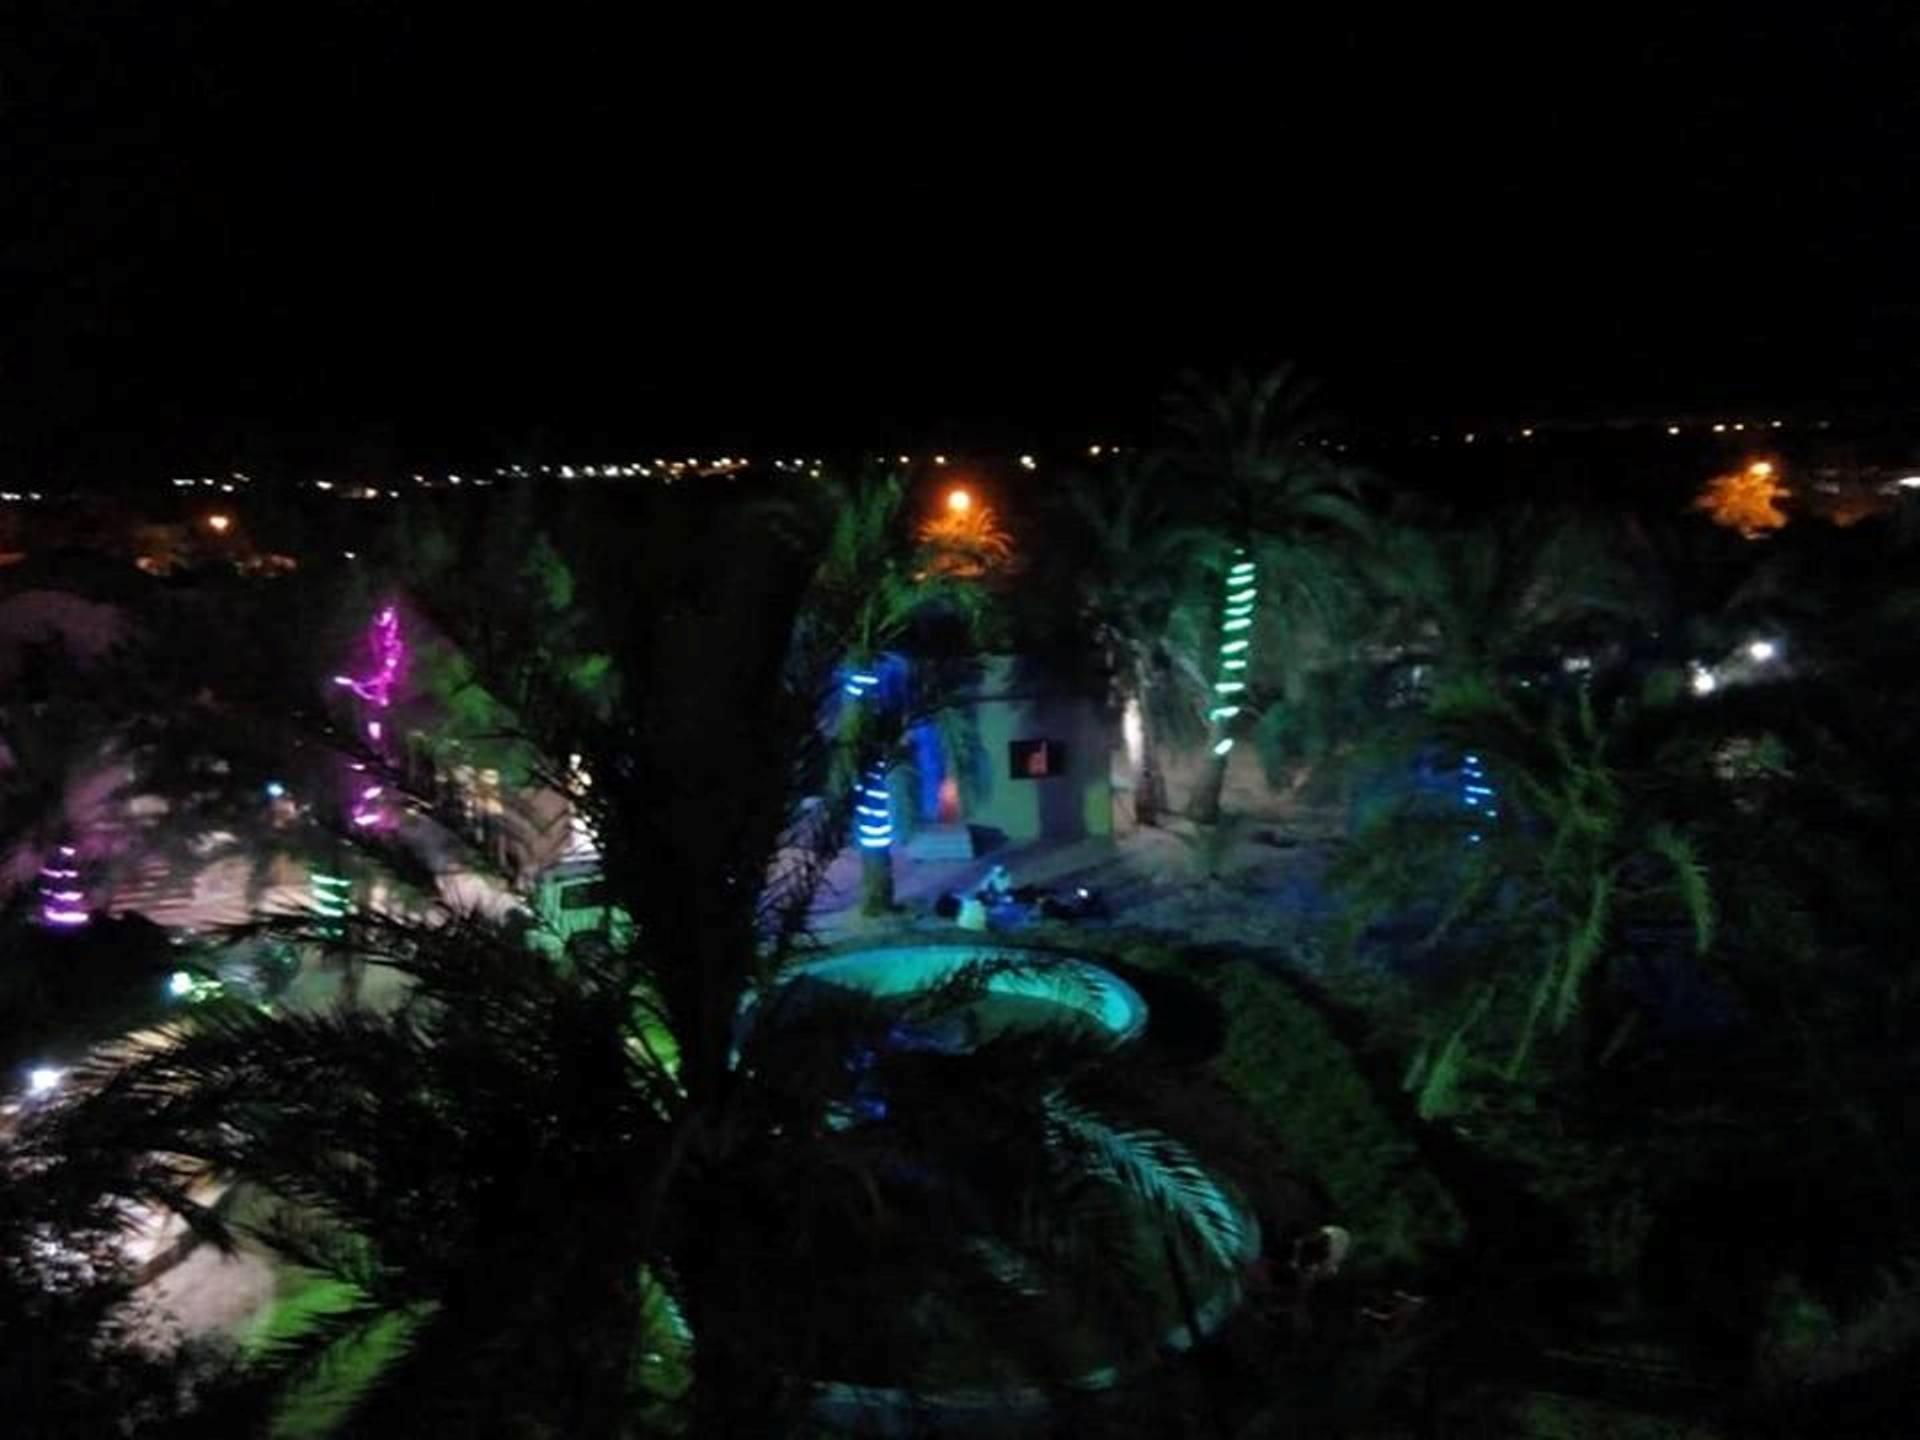 أجواء واحة سيوة ليلاً واستمتاع الزائرين بالهدوء والطبيعة البكر